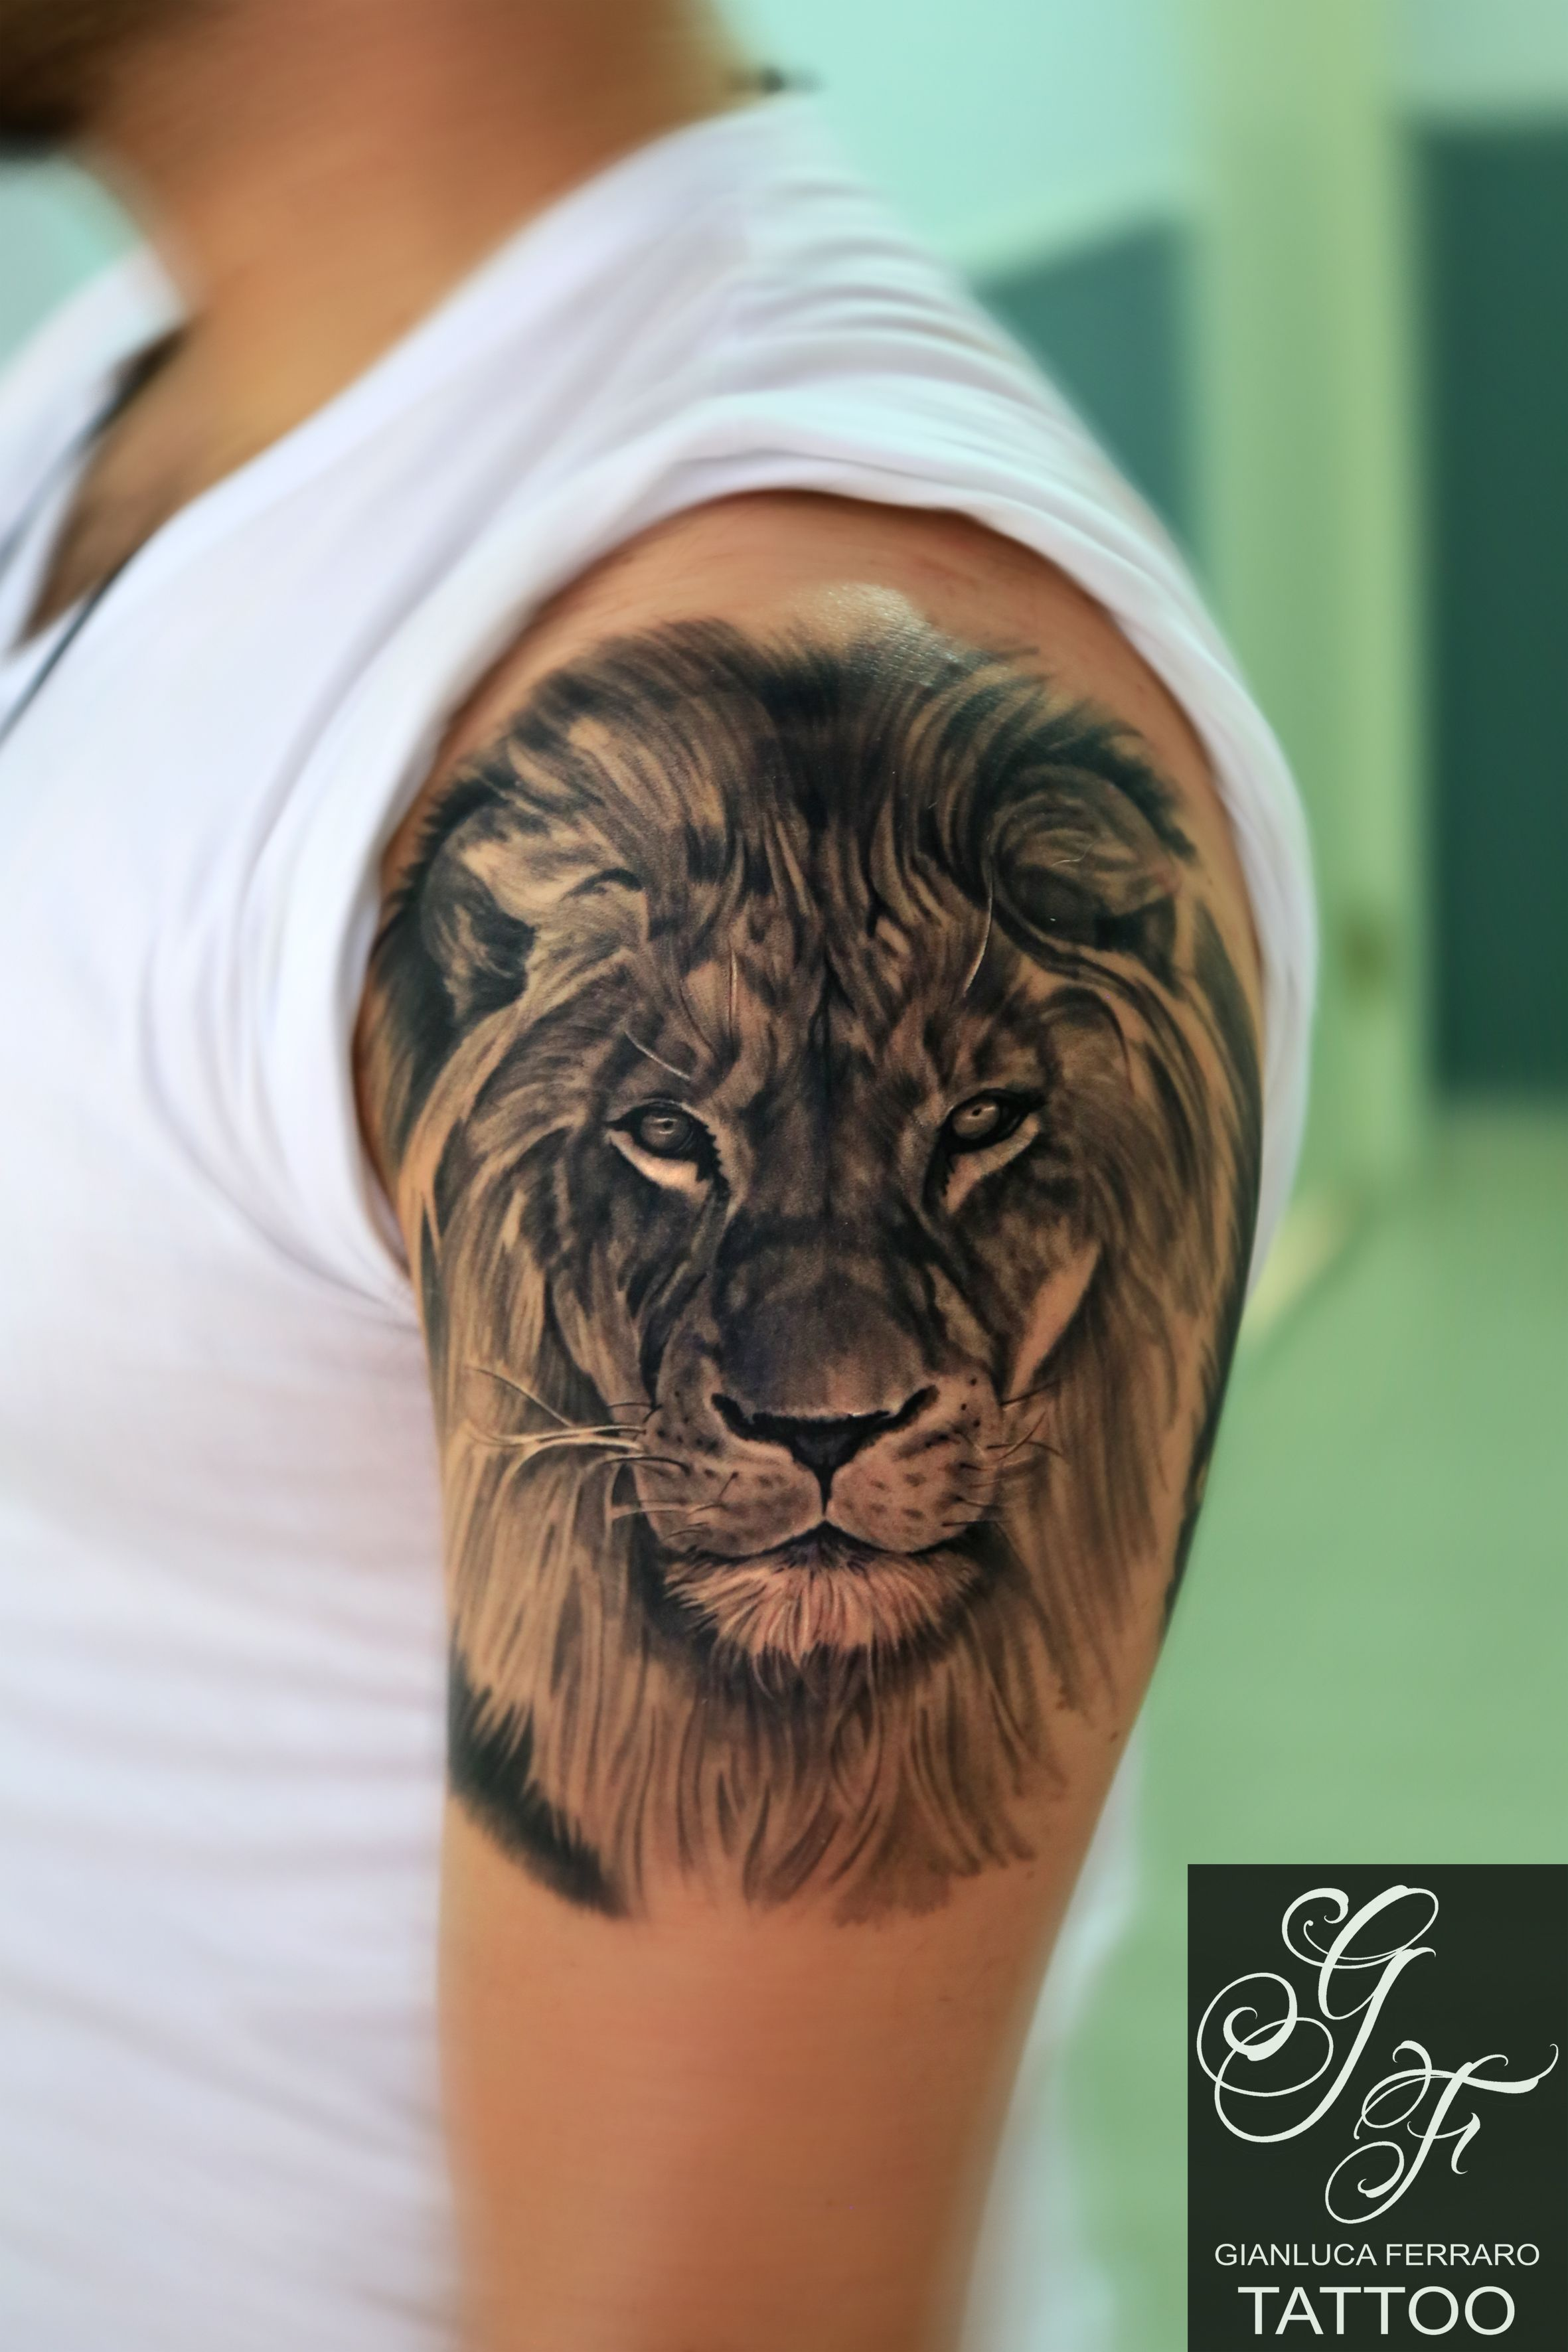 Love it More | tatuajes | Pinterest | Tatuajes, Tatuaje de leona y León